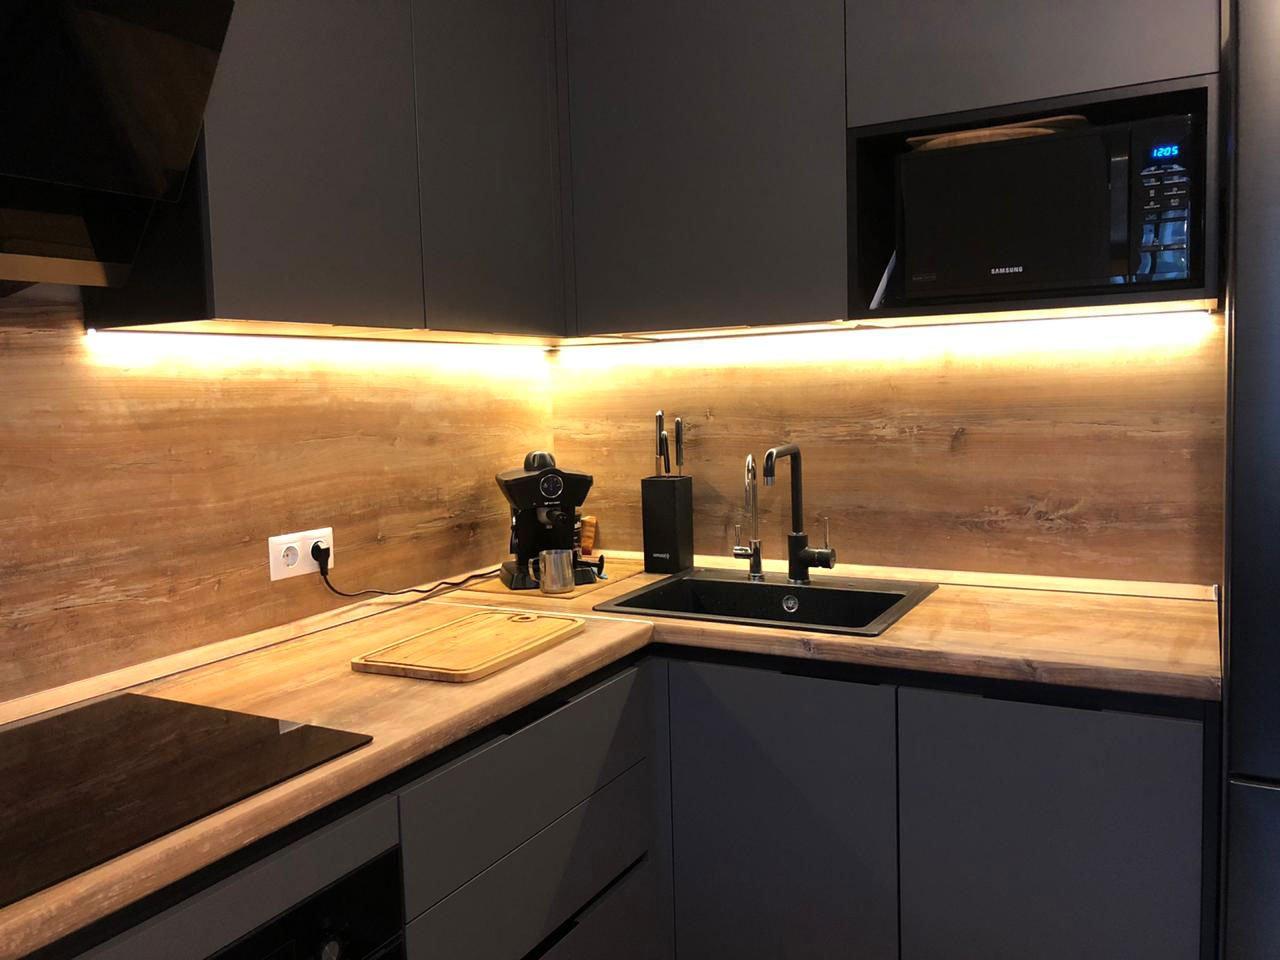 подсветка угловой кухни с сенсорным выключателем отзыв iqlux артем 19_05_20 фото